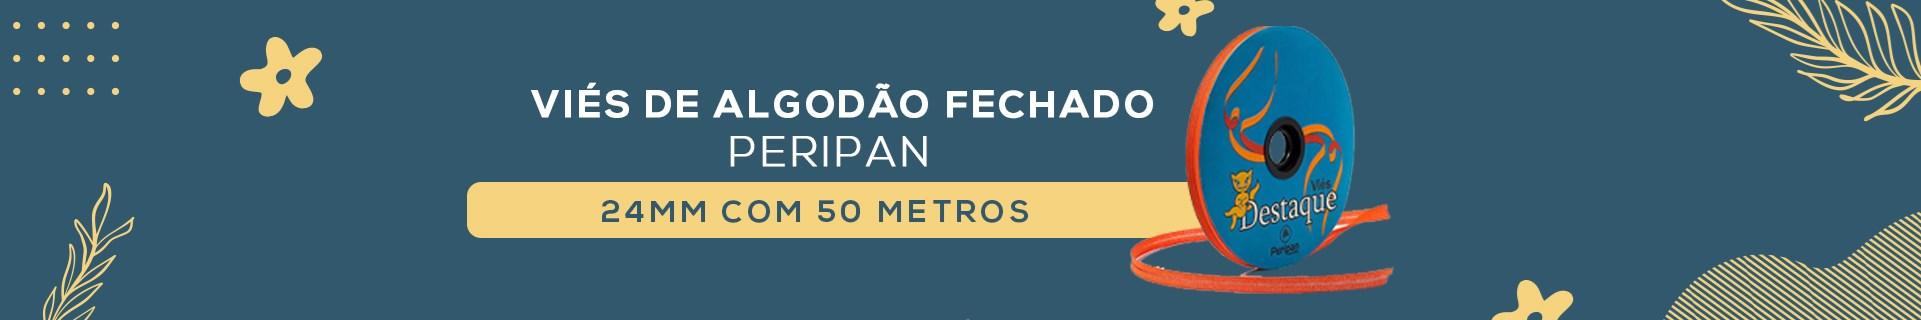 VIÉS DE ALGODÃO FECHADO PERIPAN 24MM COM 50 METROS A9000